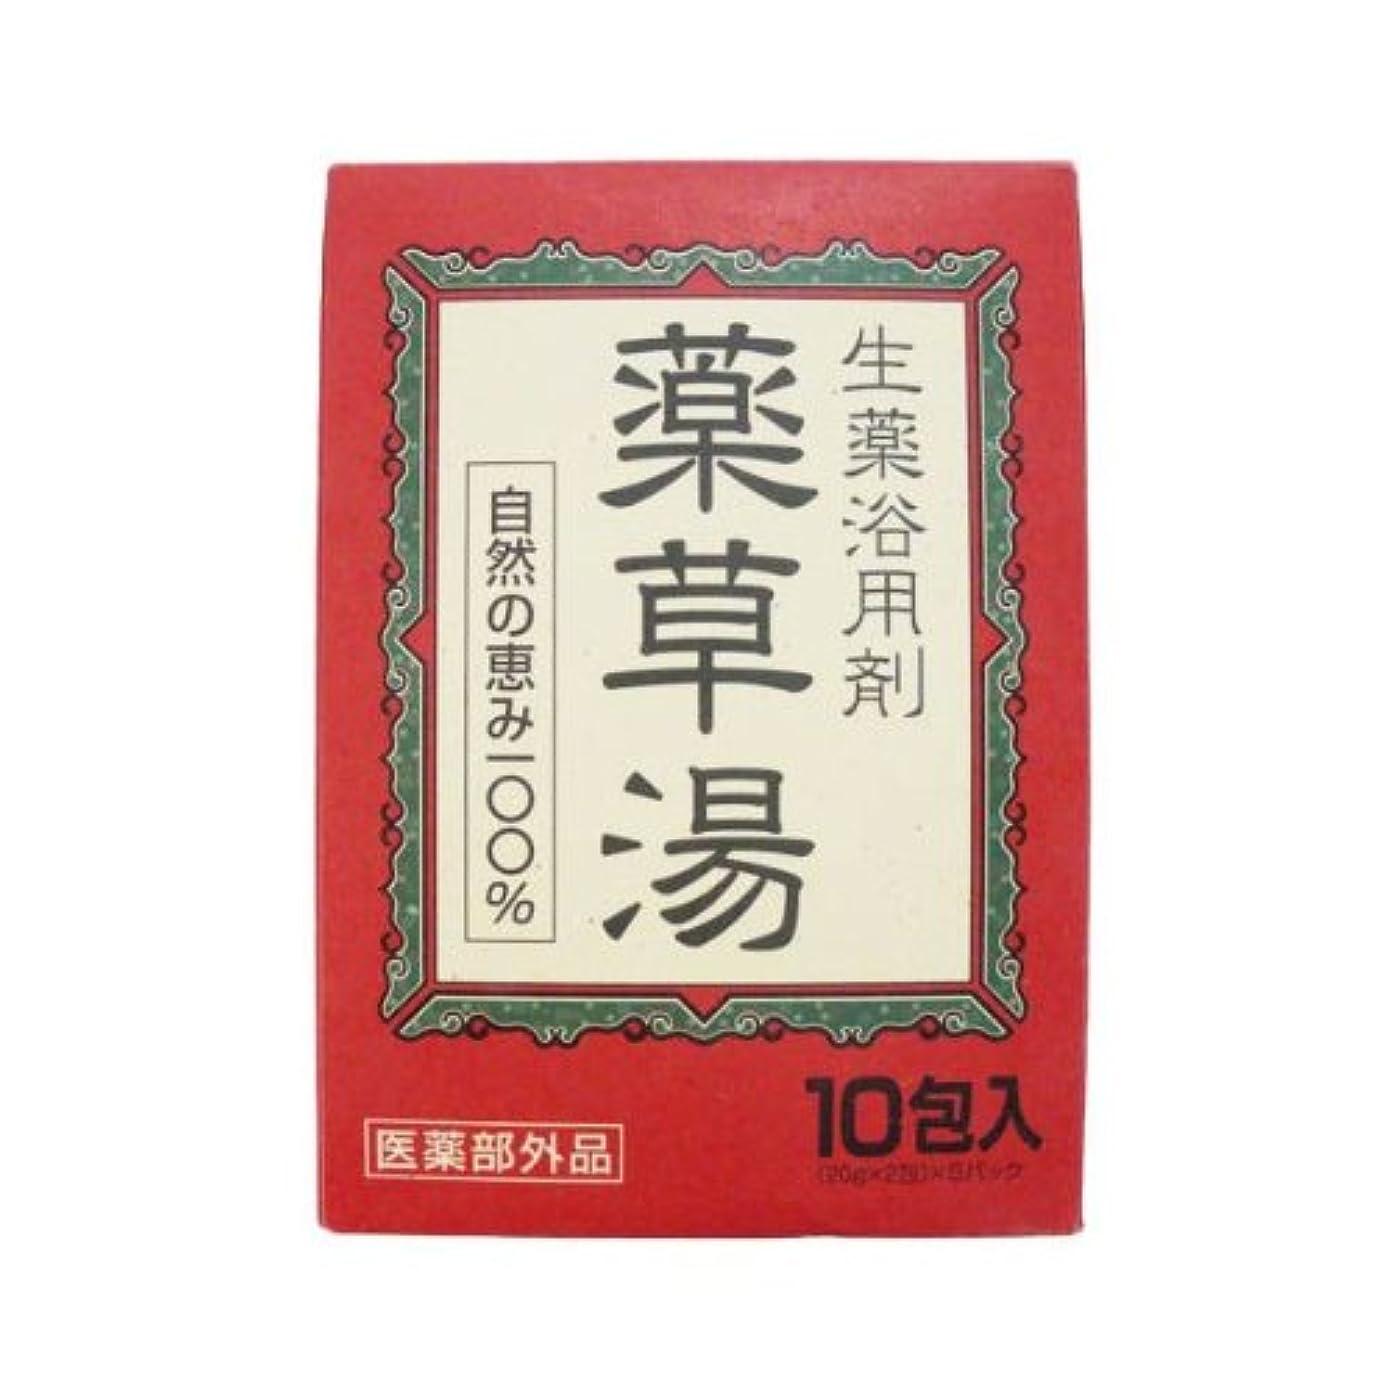 ウェイター征服派生するVVN生薬入浴剤薬草湯10包×(20セット)